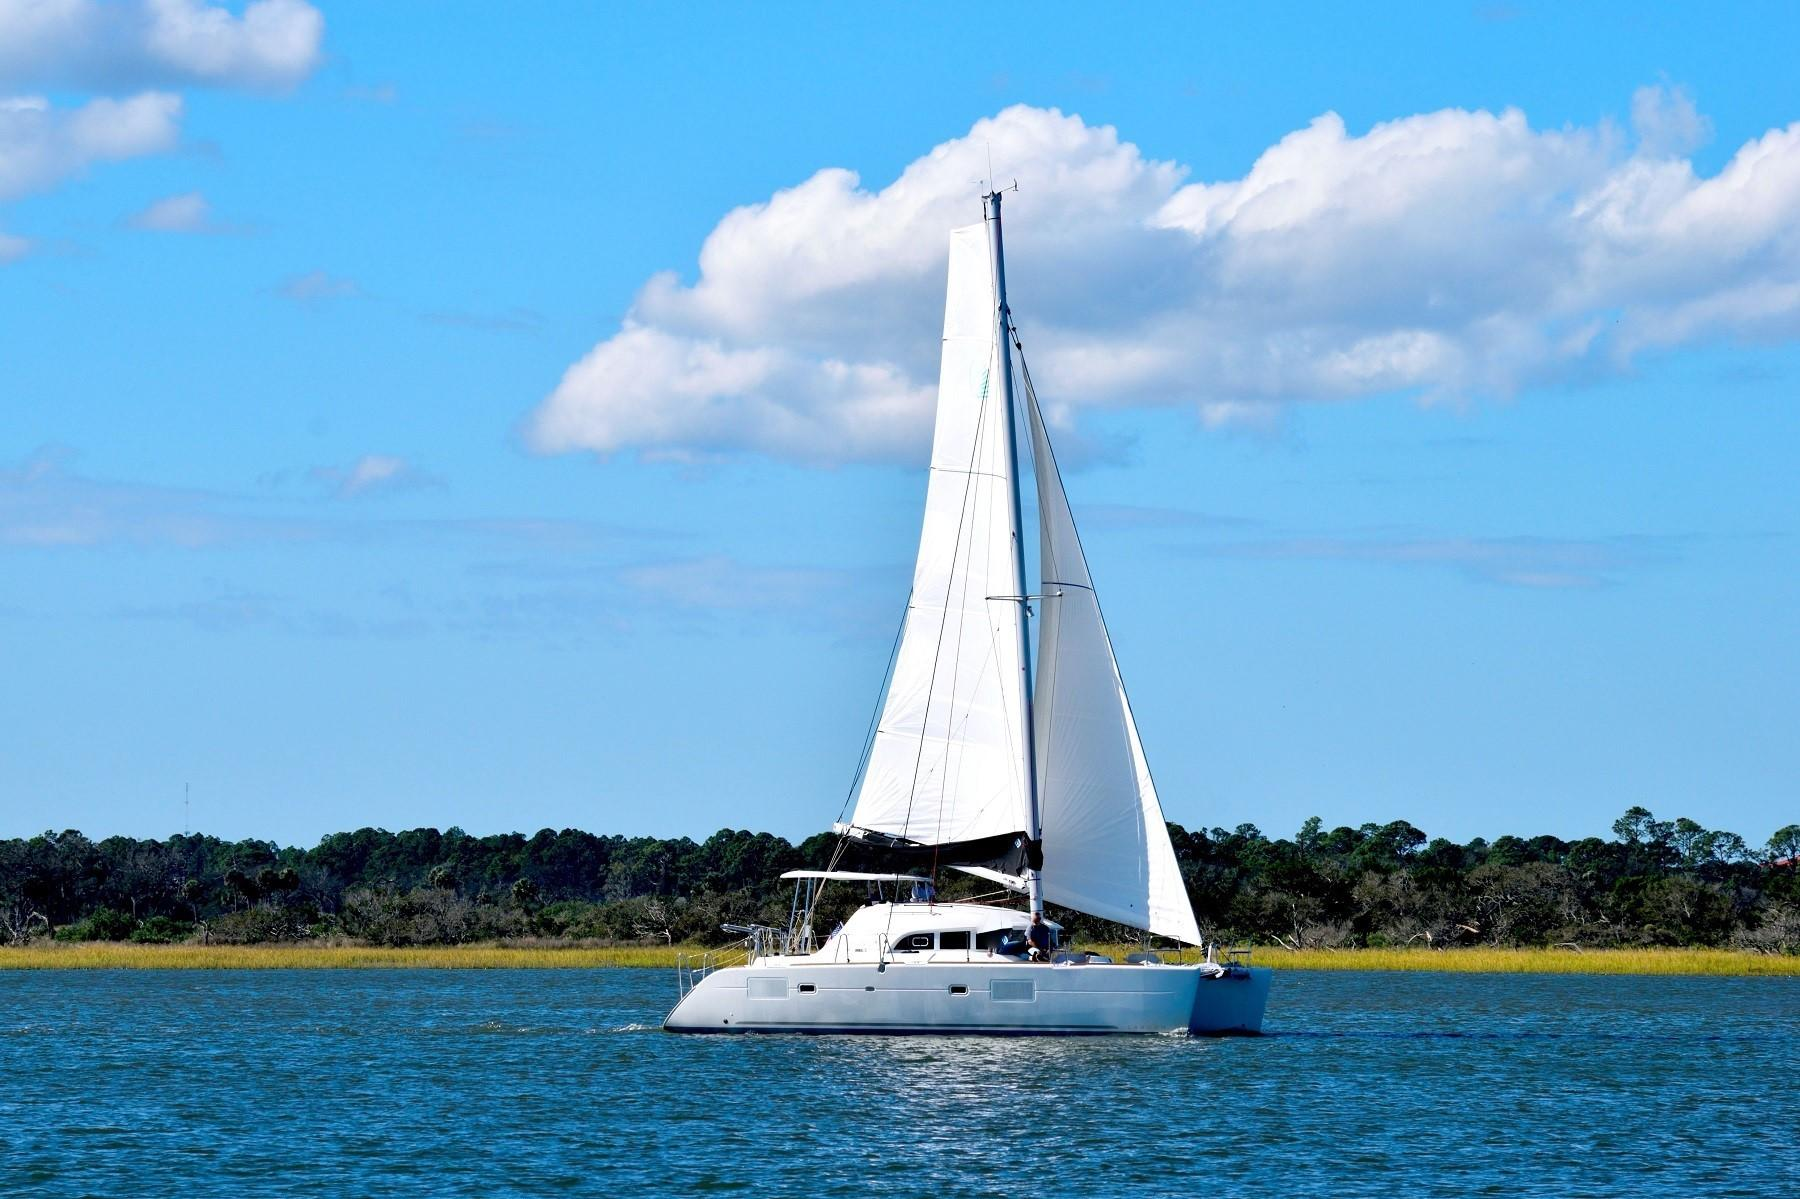 Lagoon 380 under sails